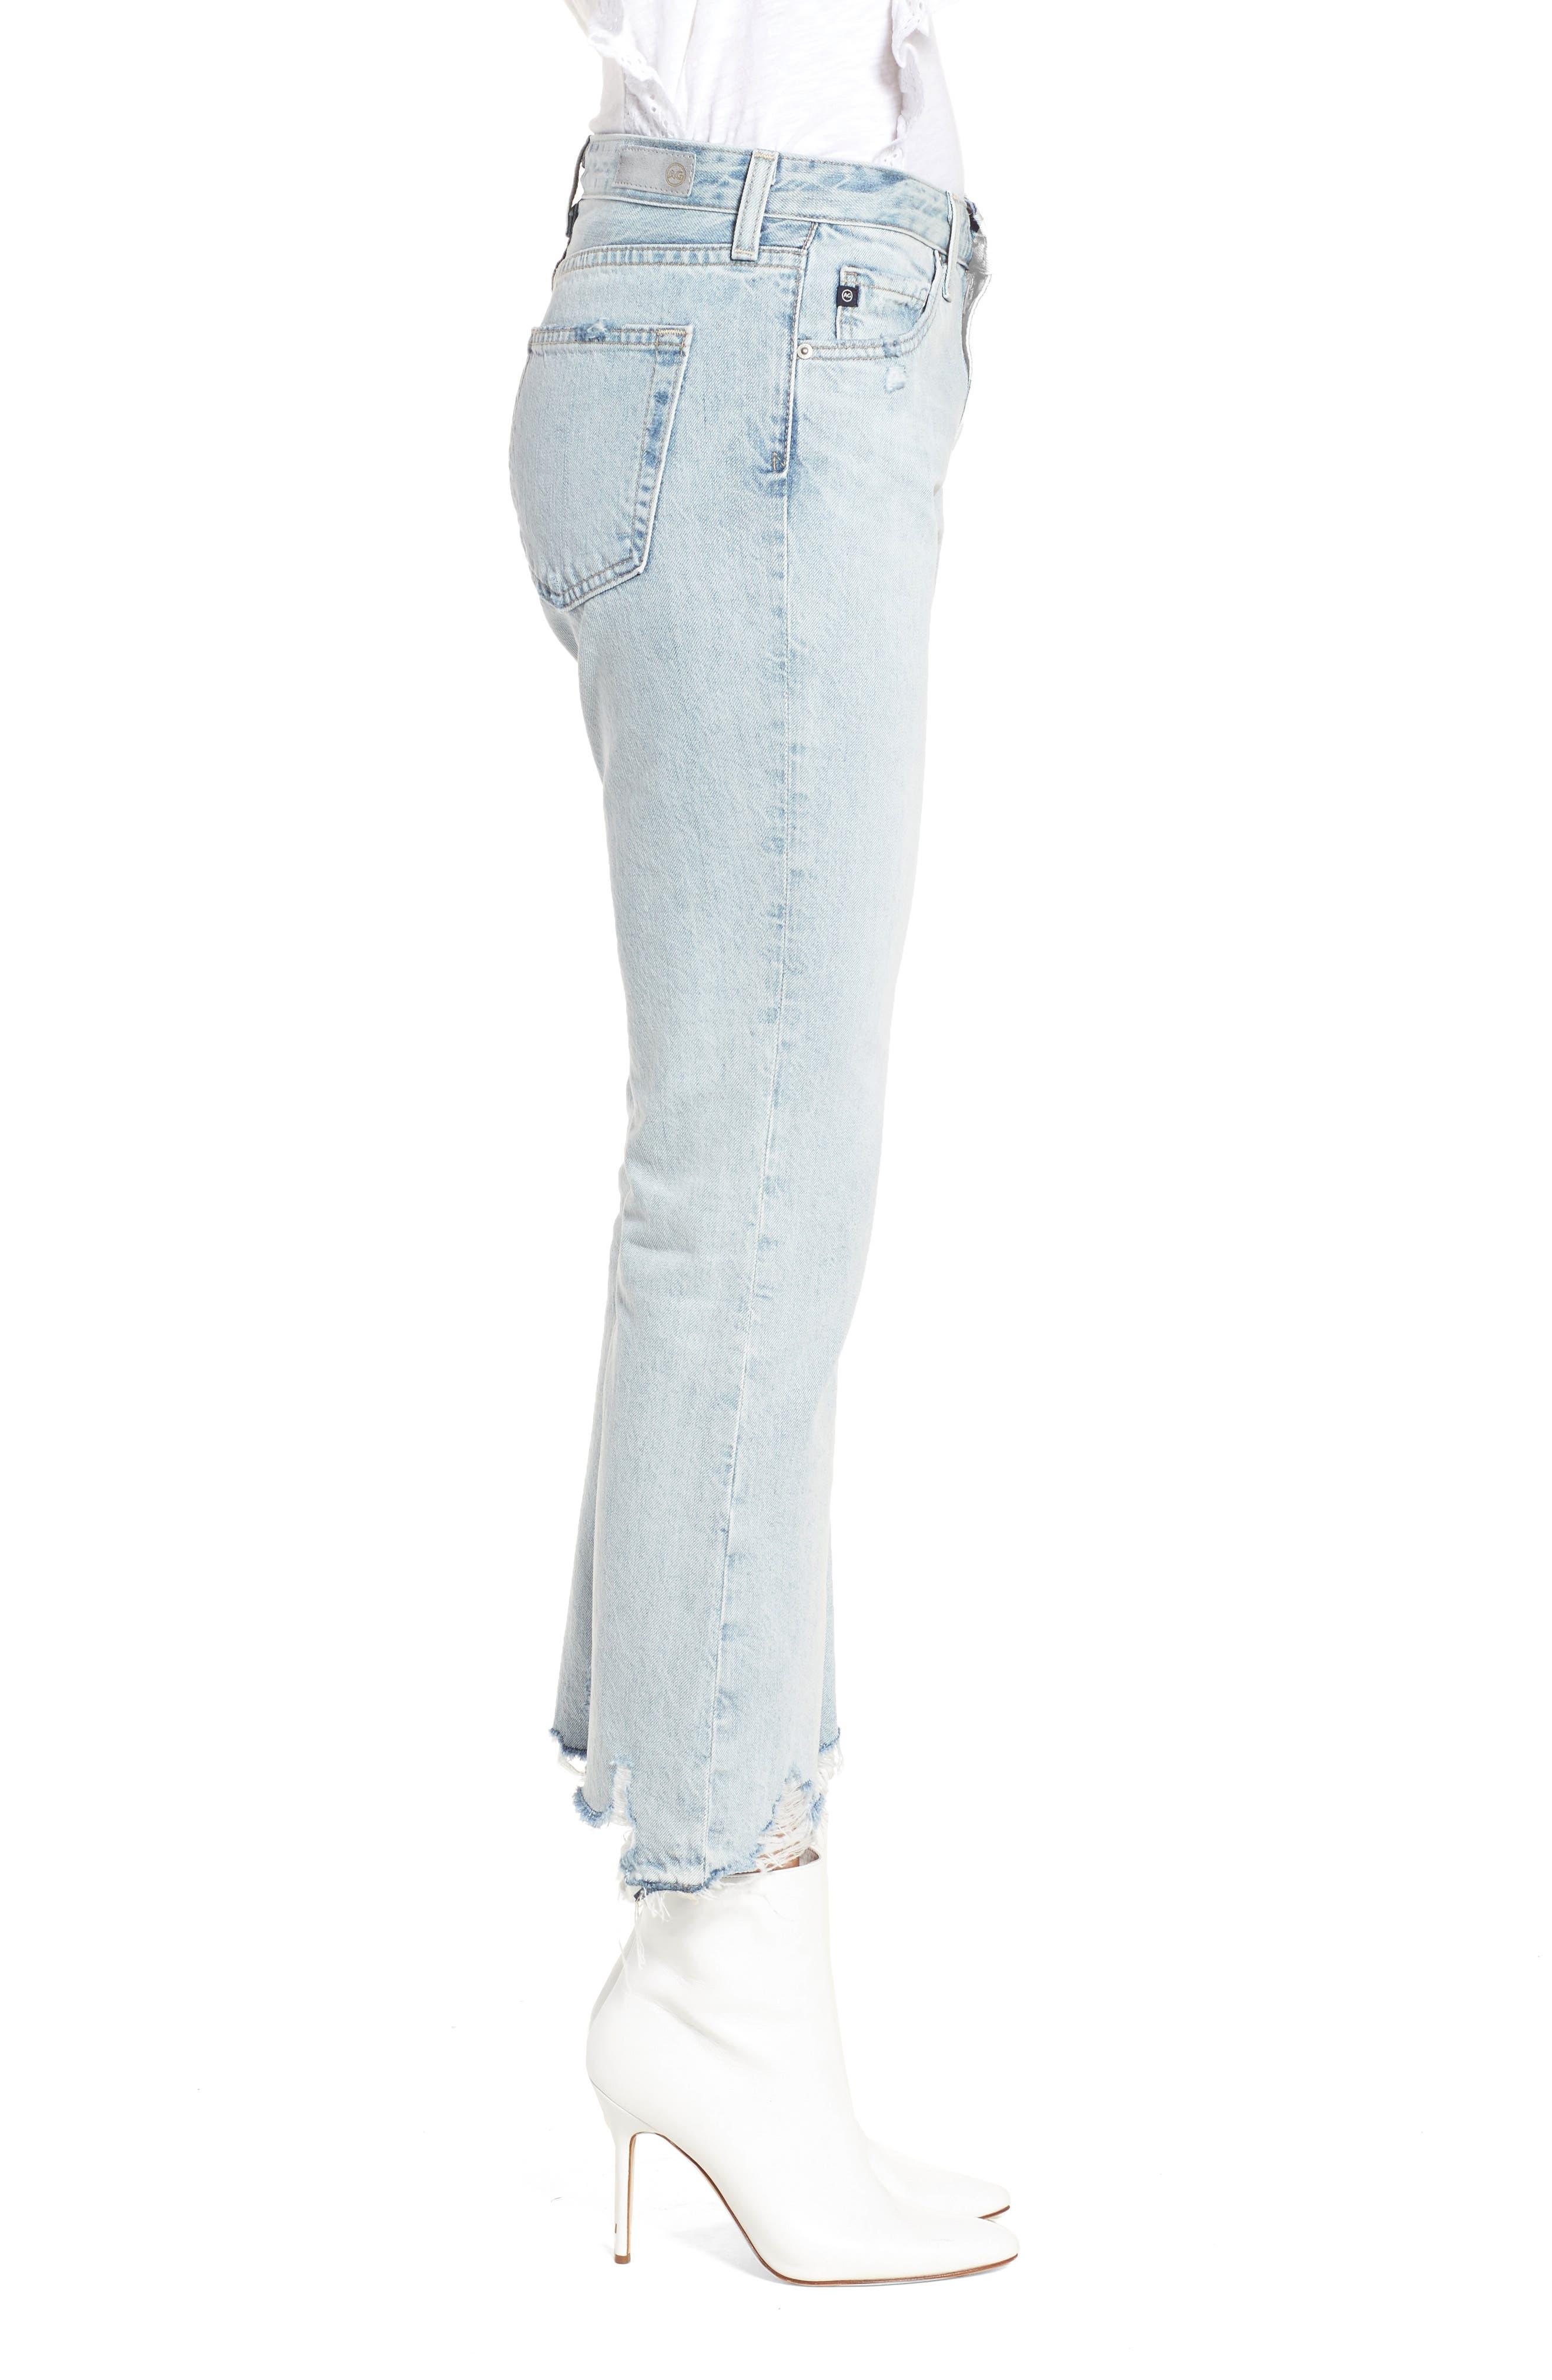 Jeans Jodi Crop Jeans,                             Alternate thumbnail 3, color,                             Bering Wave